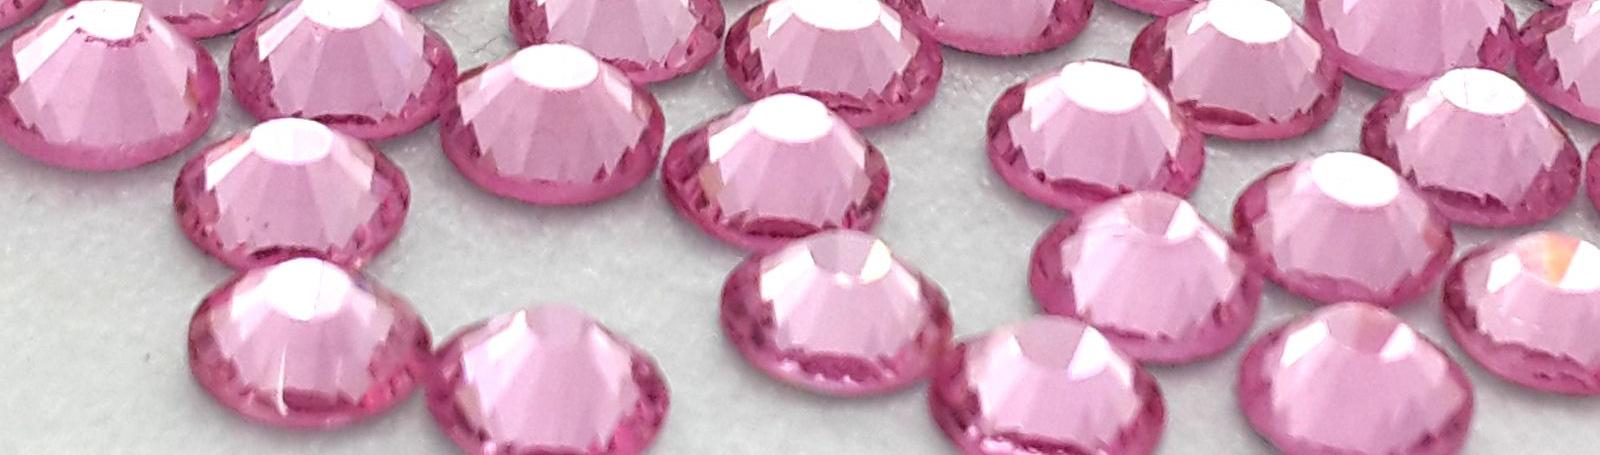 pink-rhinestones.jpg